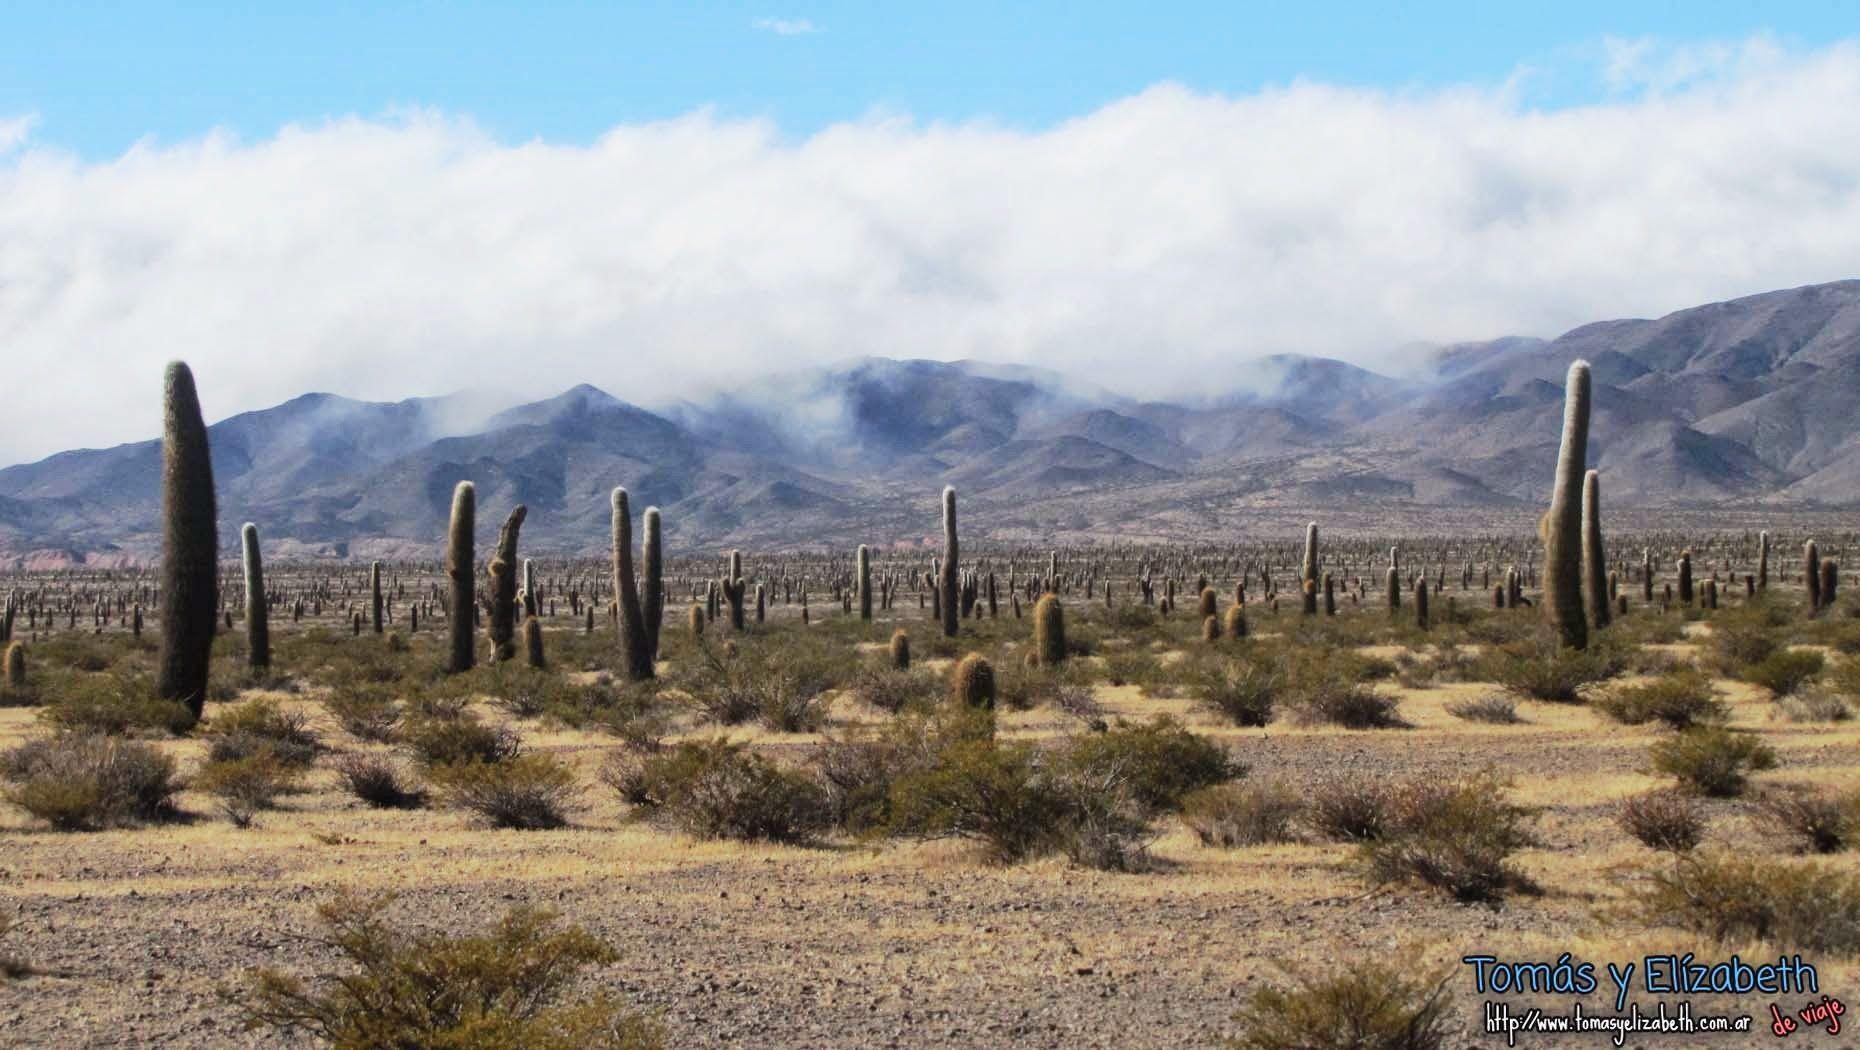 Parque Nacional Los Cardones, Provincia de Salta